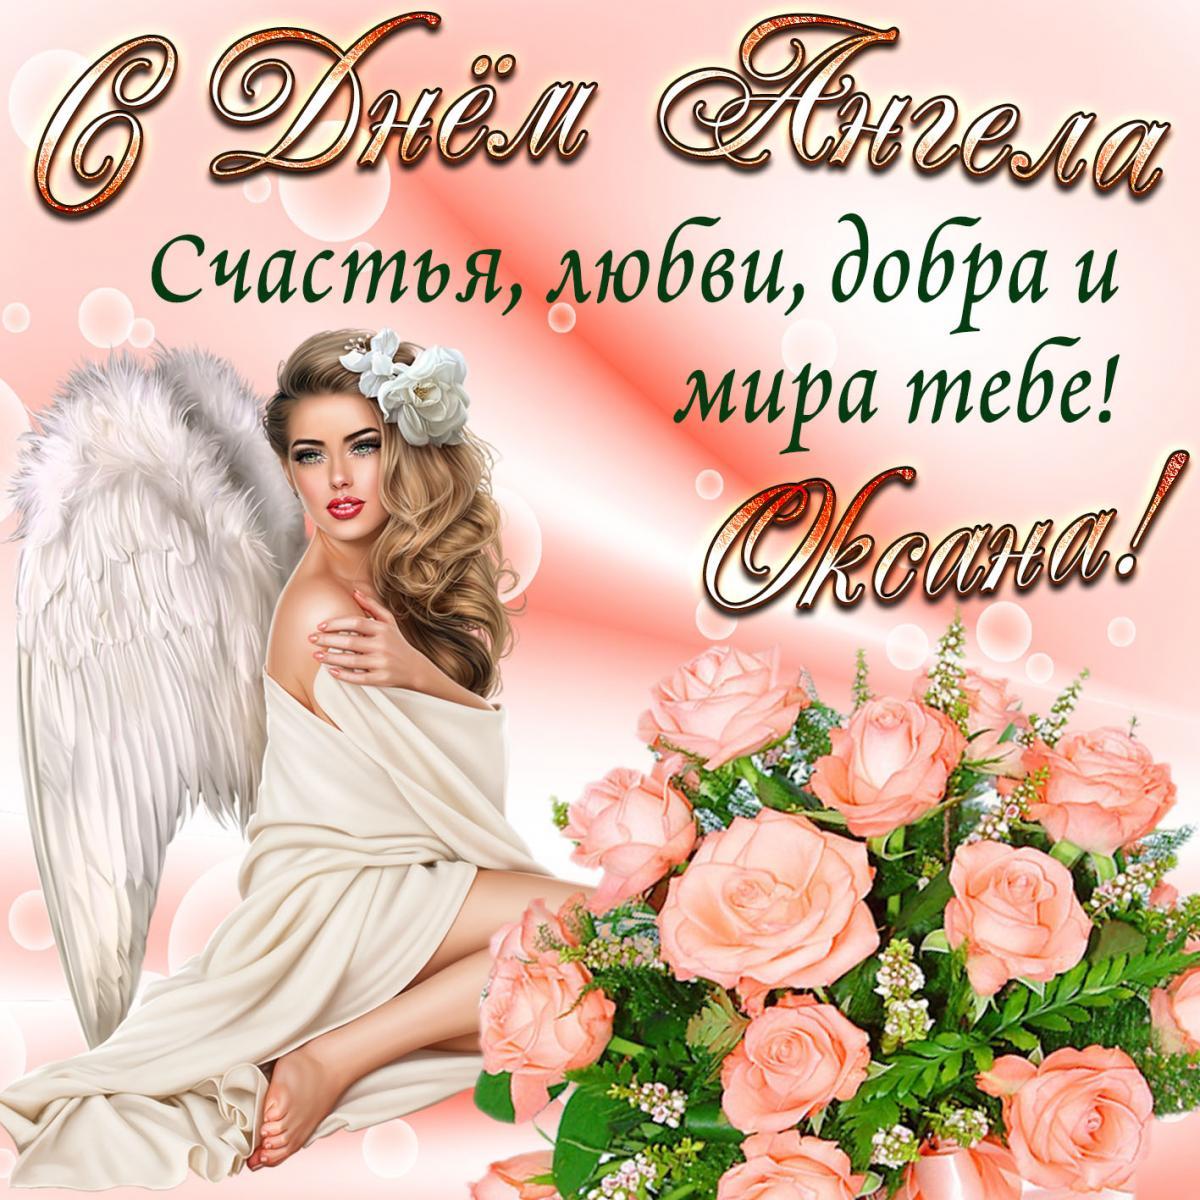 Поздравление оксане с днем ангела